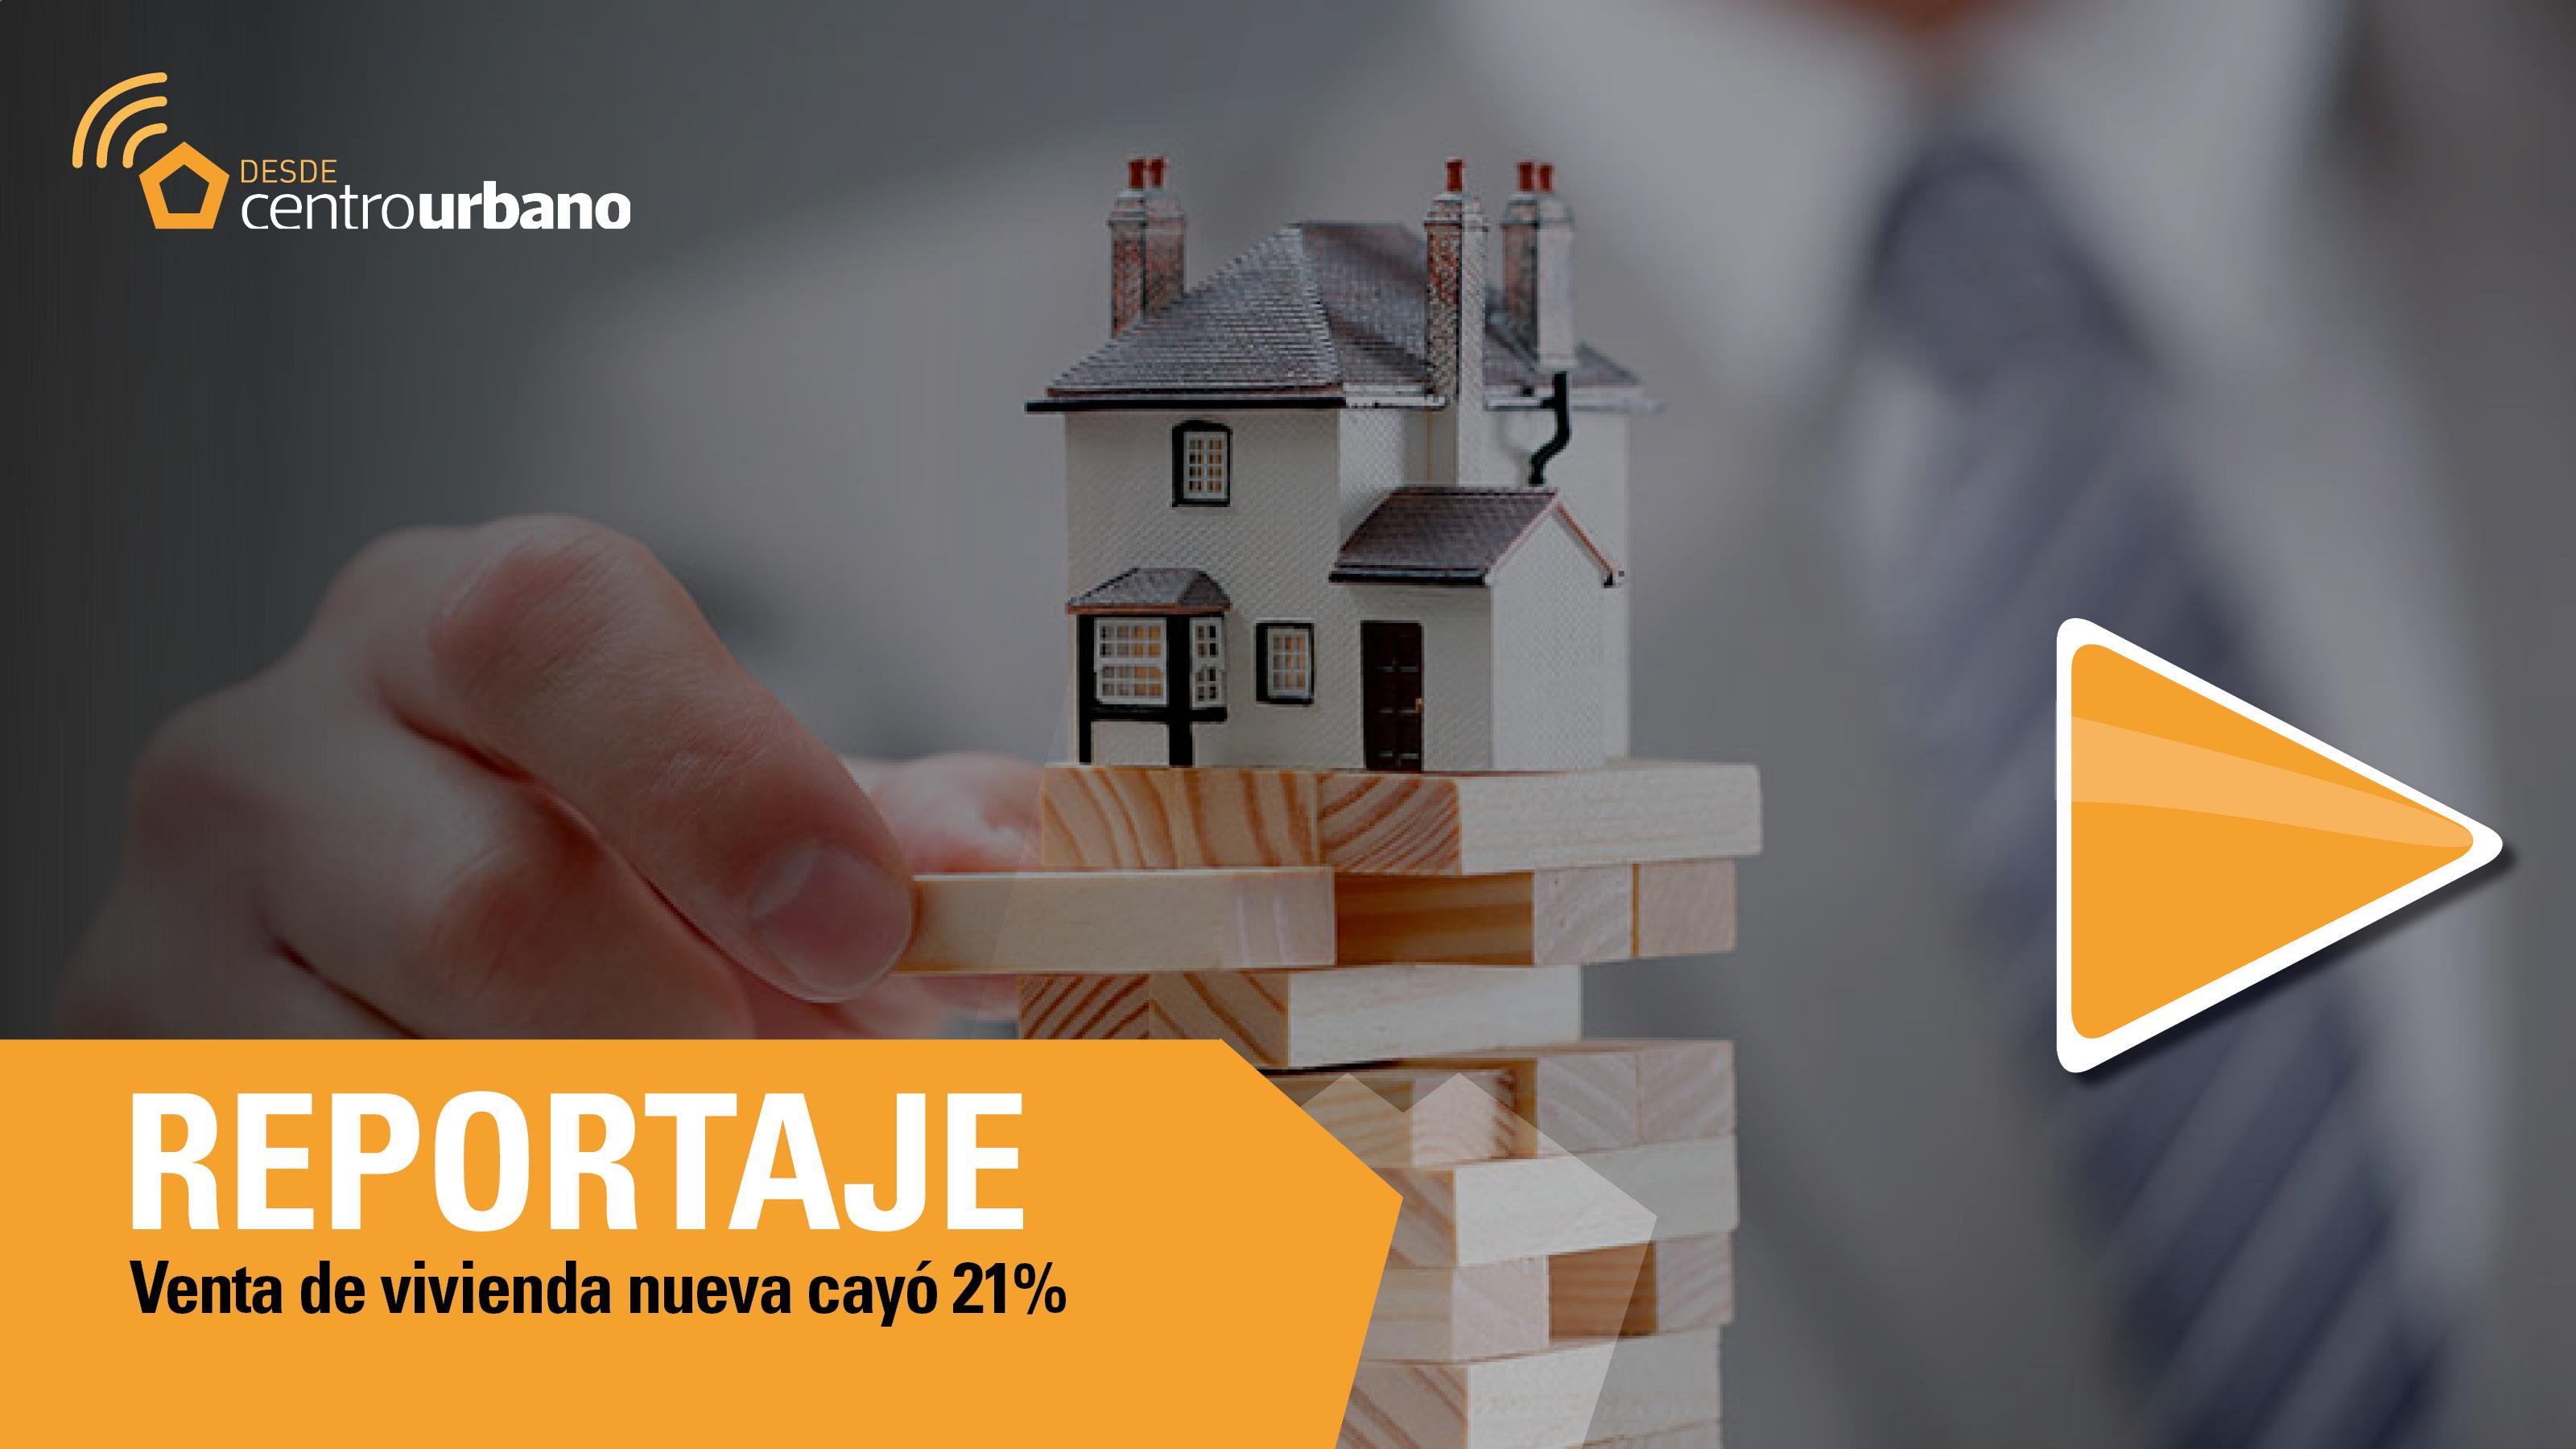 ▶️ Video | Venta de vivienda nueva cayó 21%